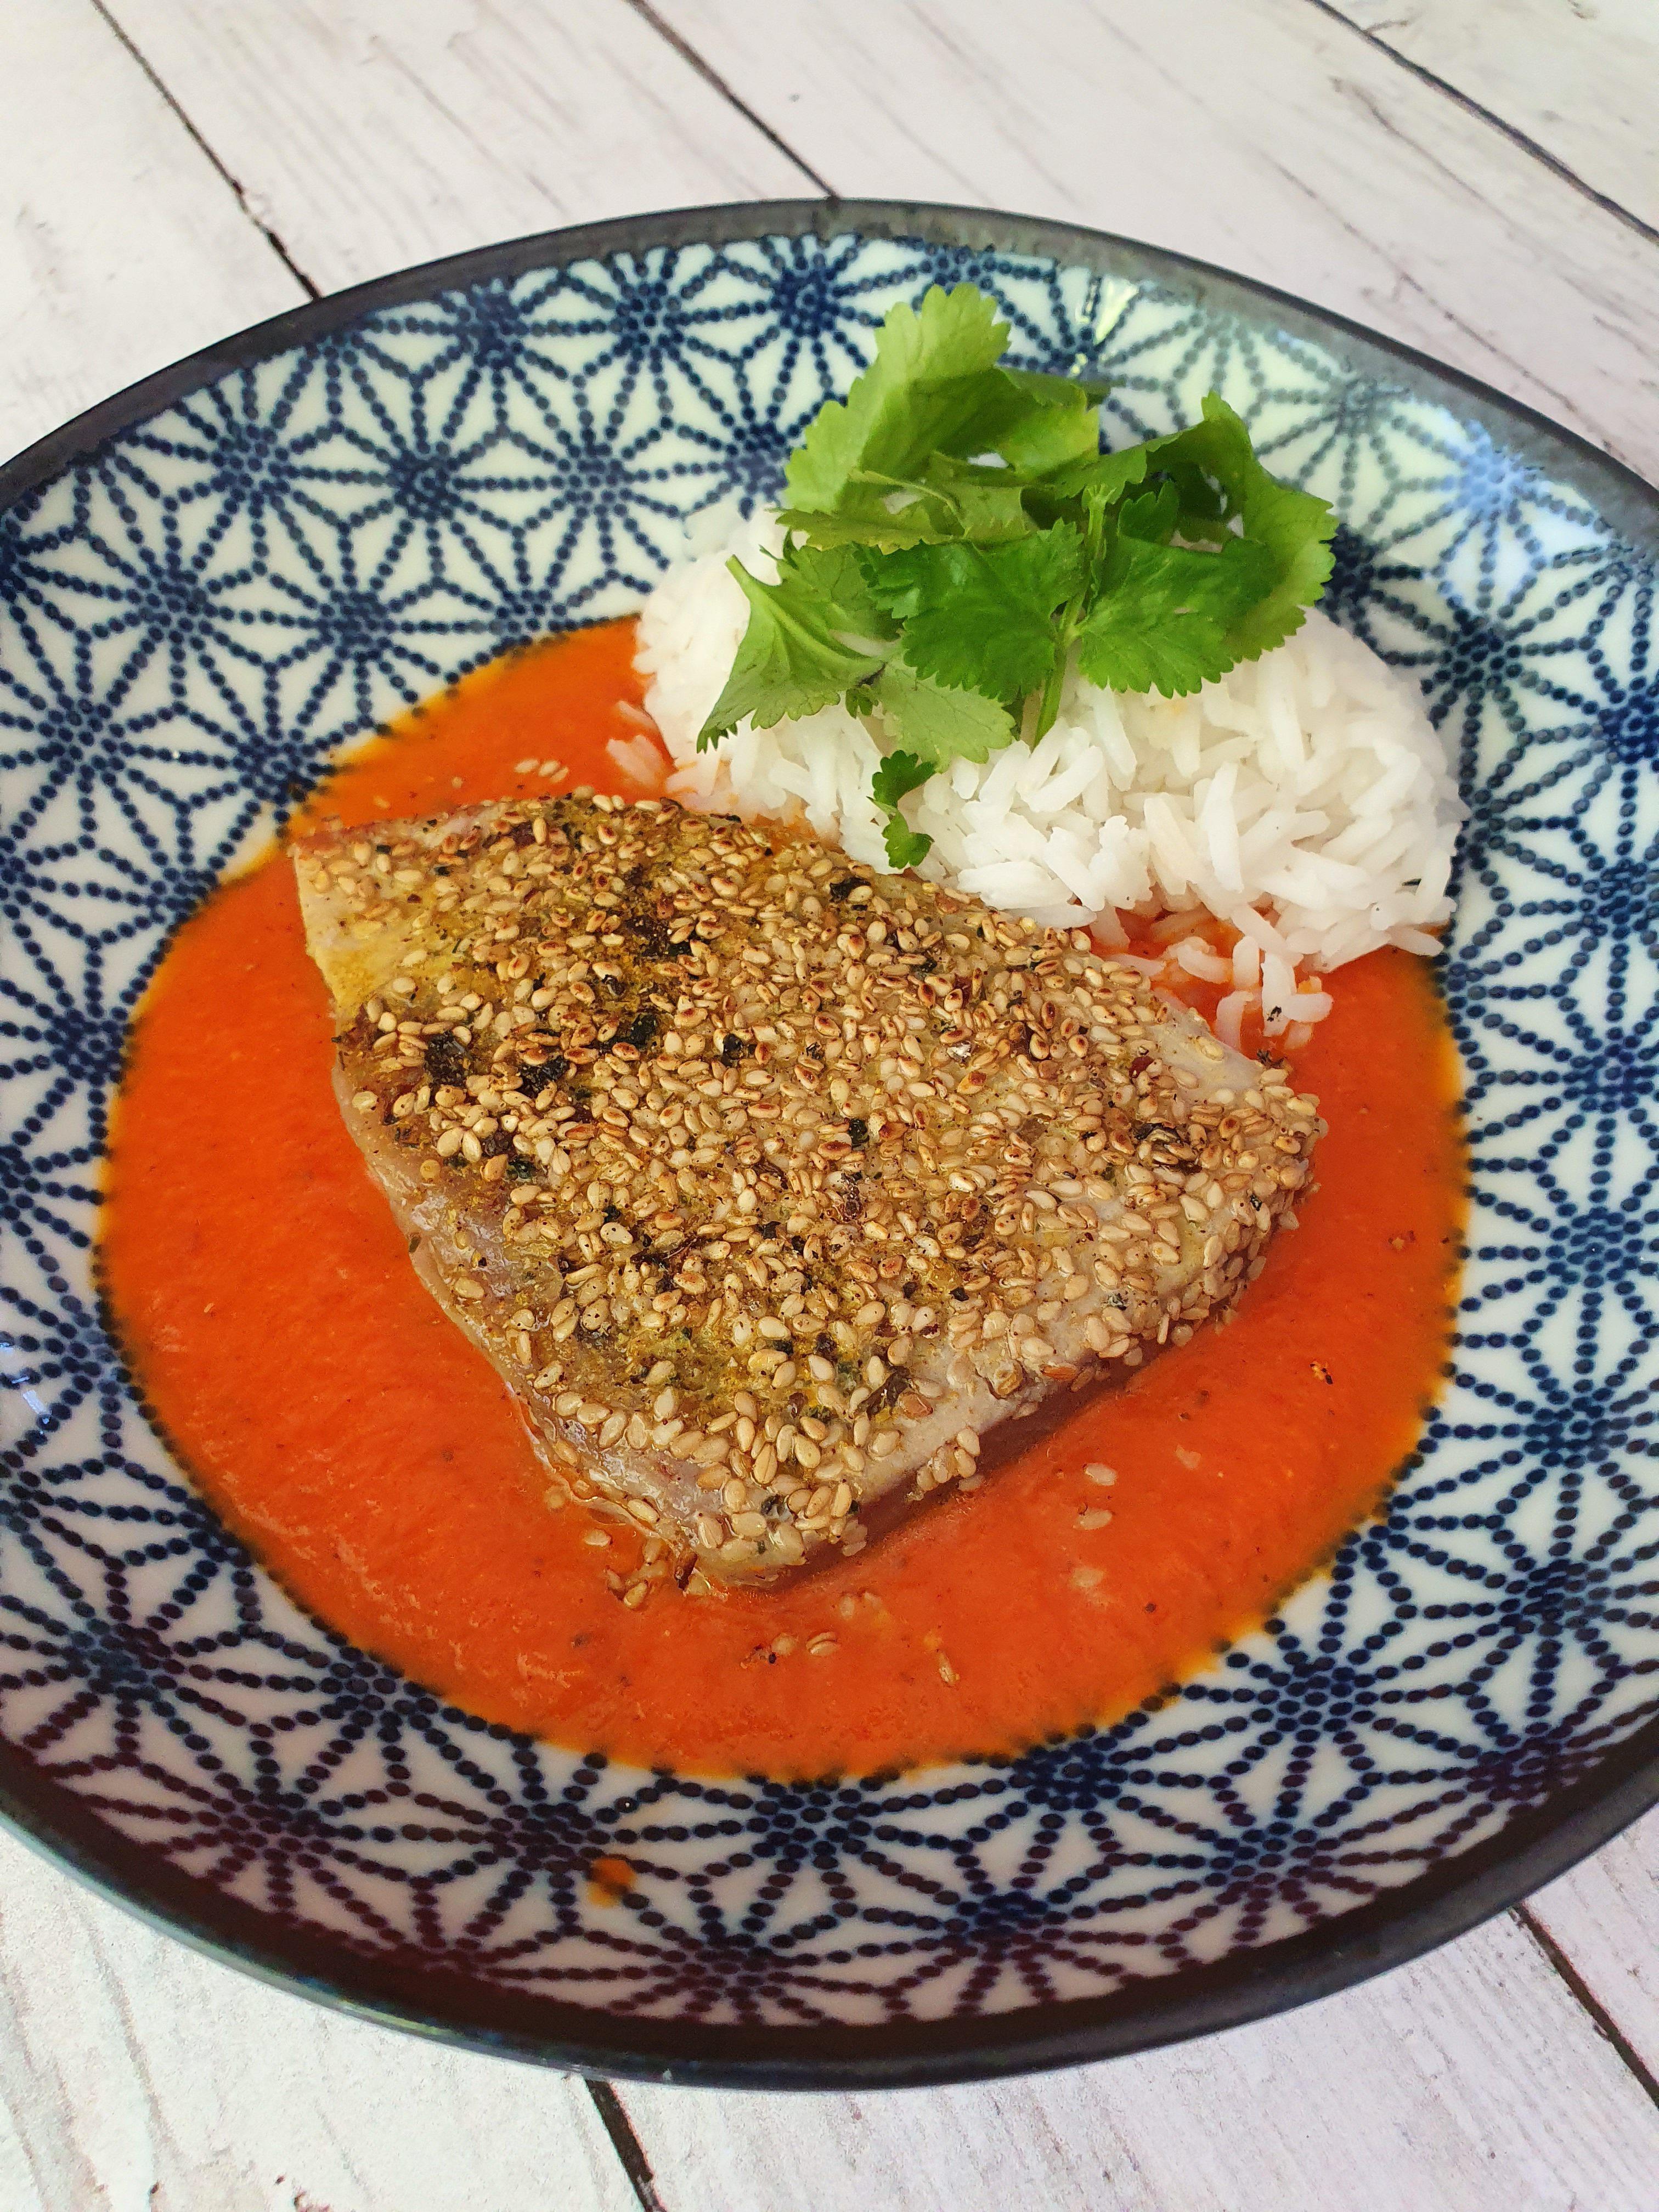 Steak de thon au sésame, coulis de tomates et coriandre